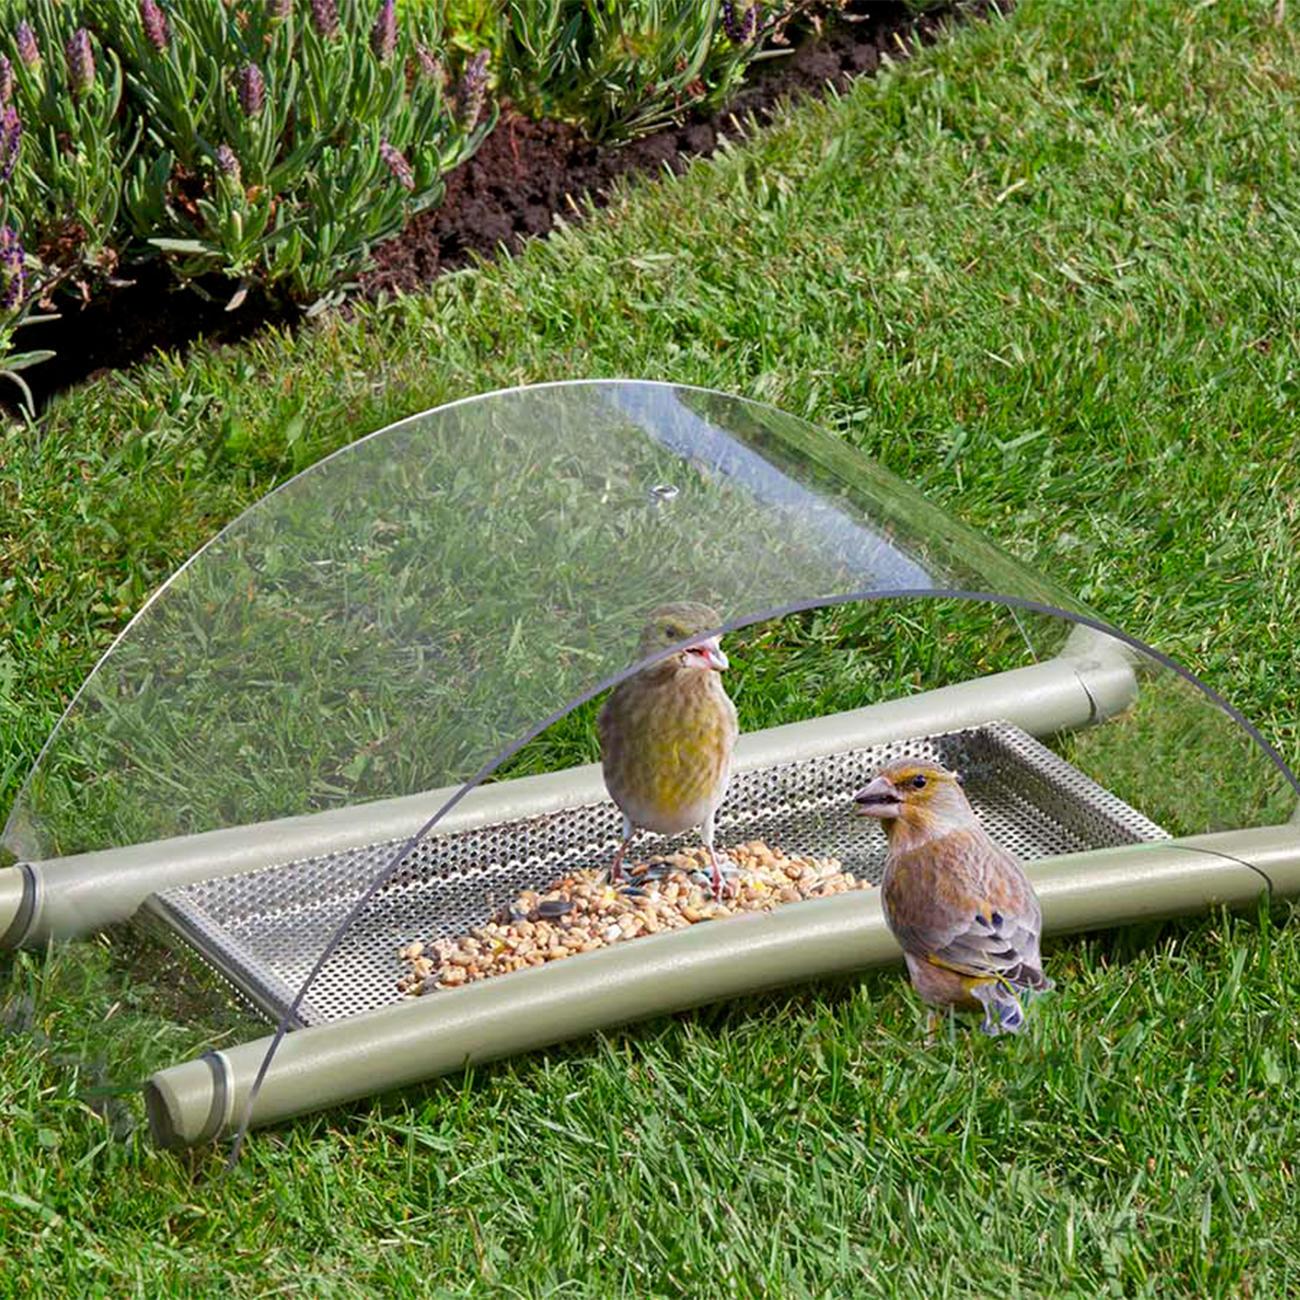 Pro Idee Garten : boden vogelfutterstelle 3 jahre garantie pro idee ~ Watch28wear.com Haus und Dekorationen